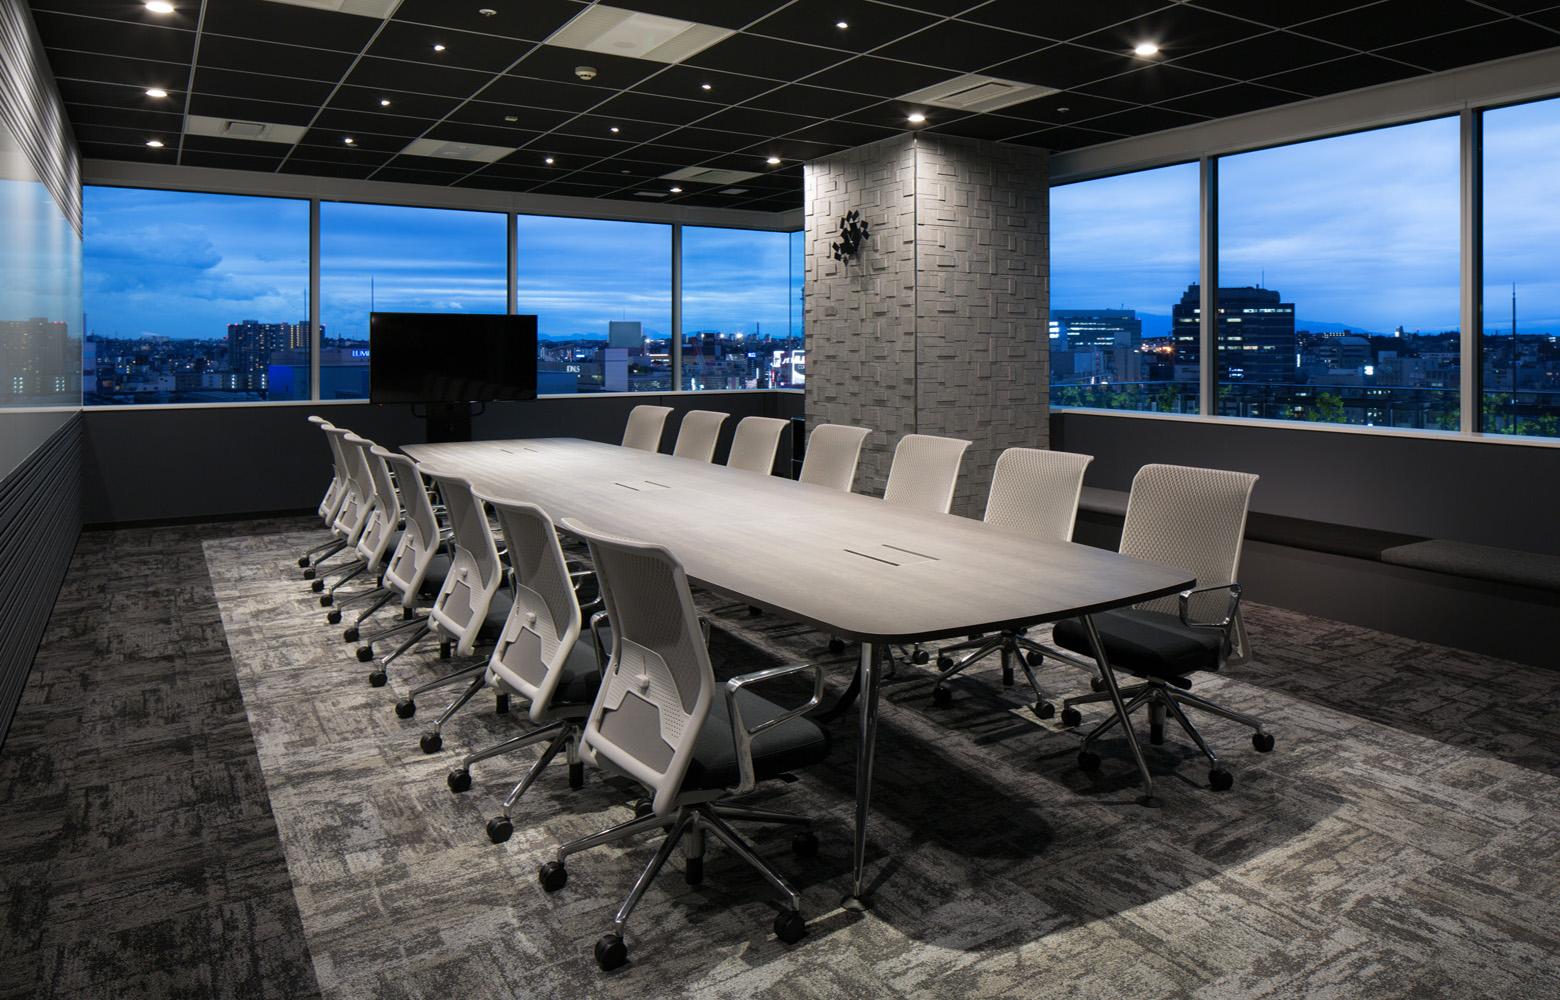 株式会社NTTデータMSE Yokohama Office Meeting Room_4 デザイン・レイアウト事例